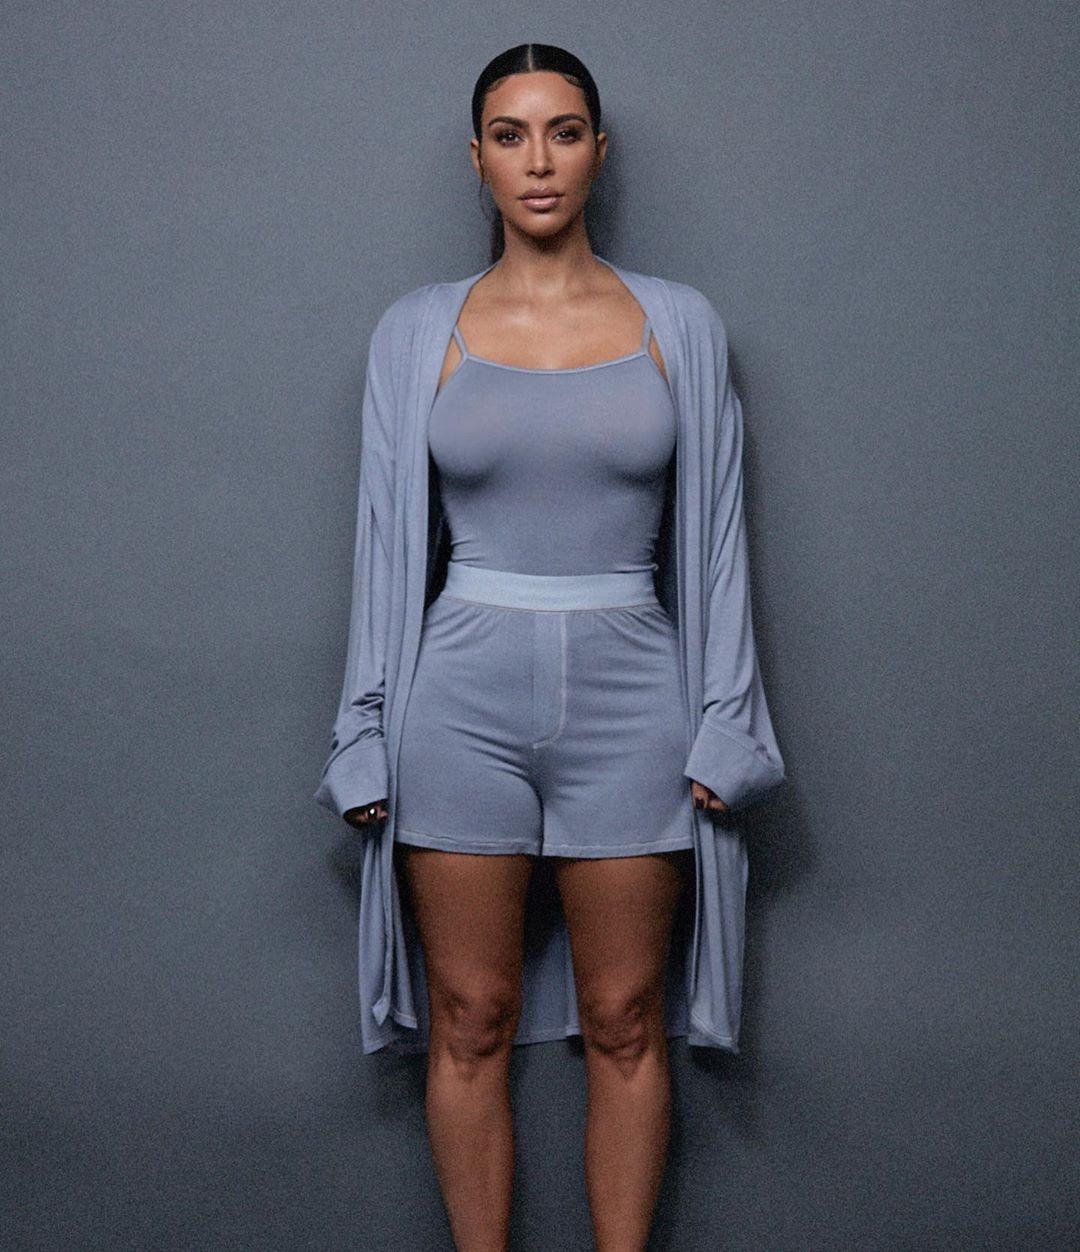 КимКардашян представила дебютную коллекцию домашней одежды